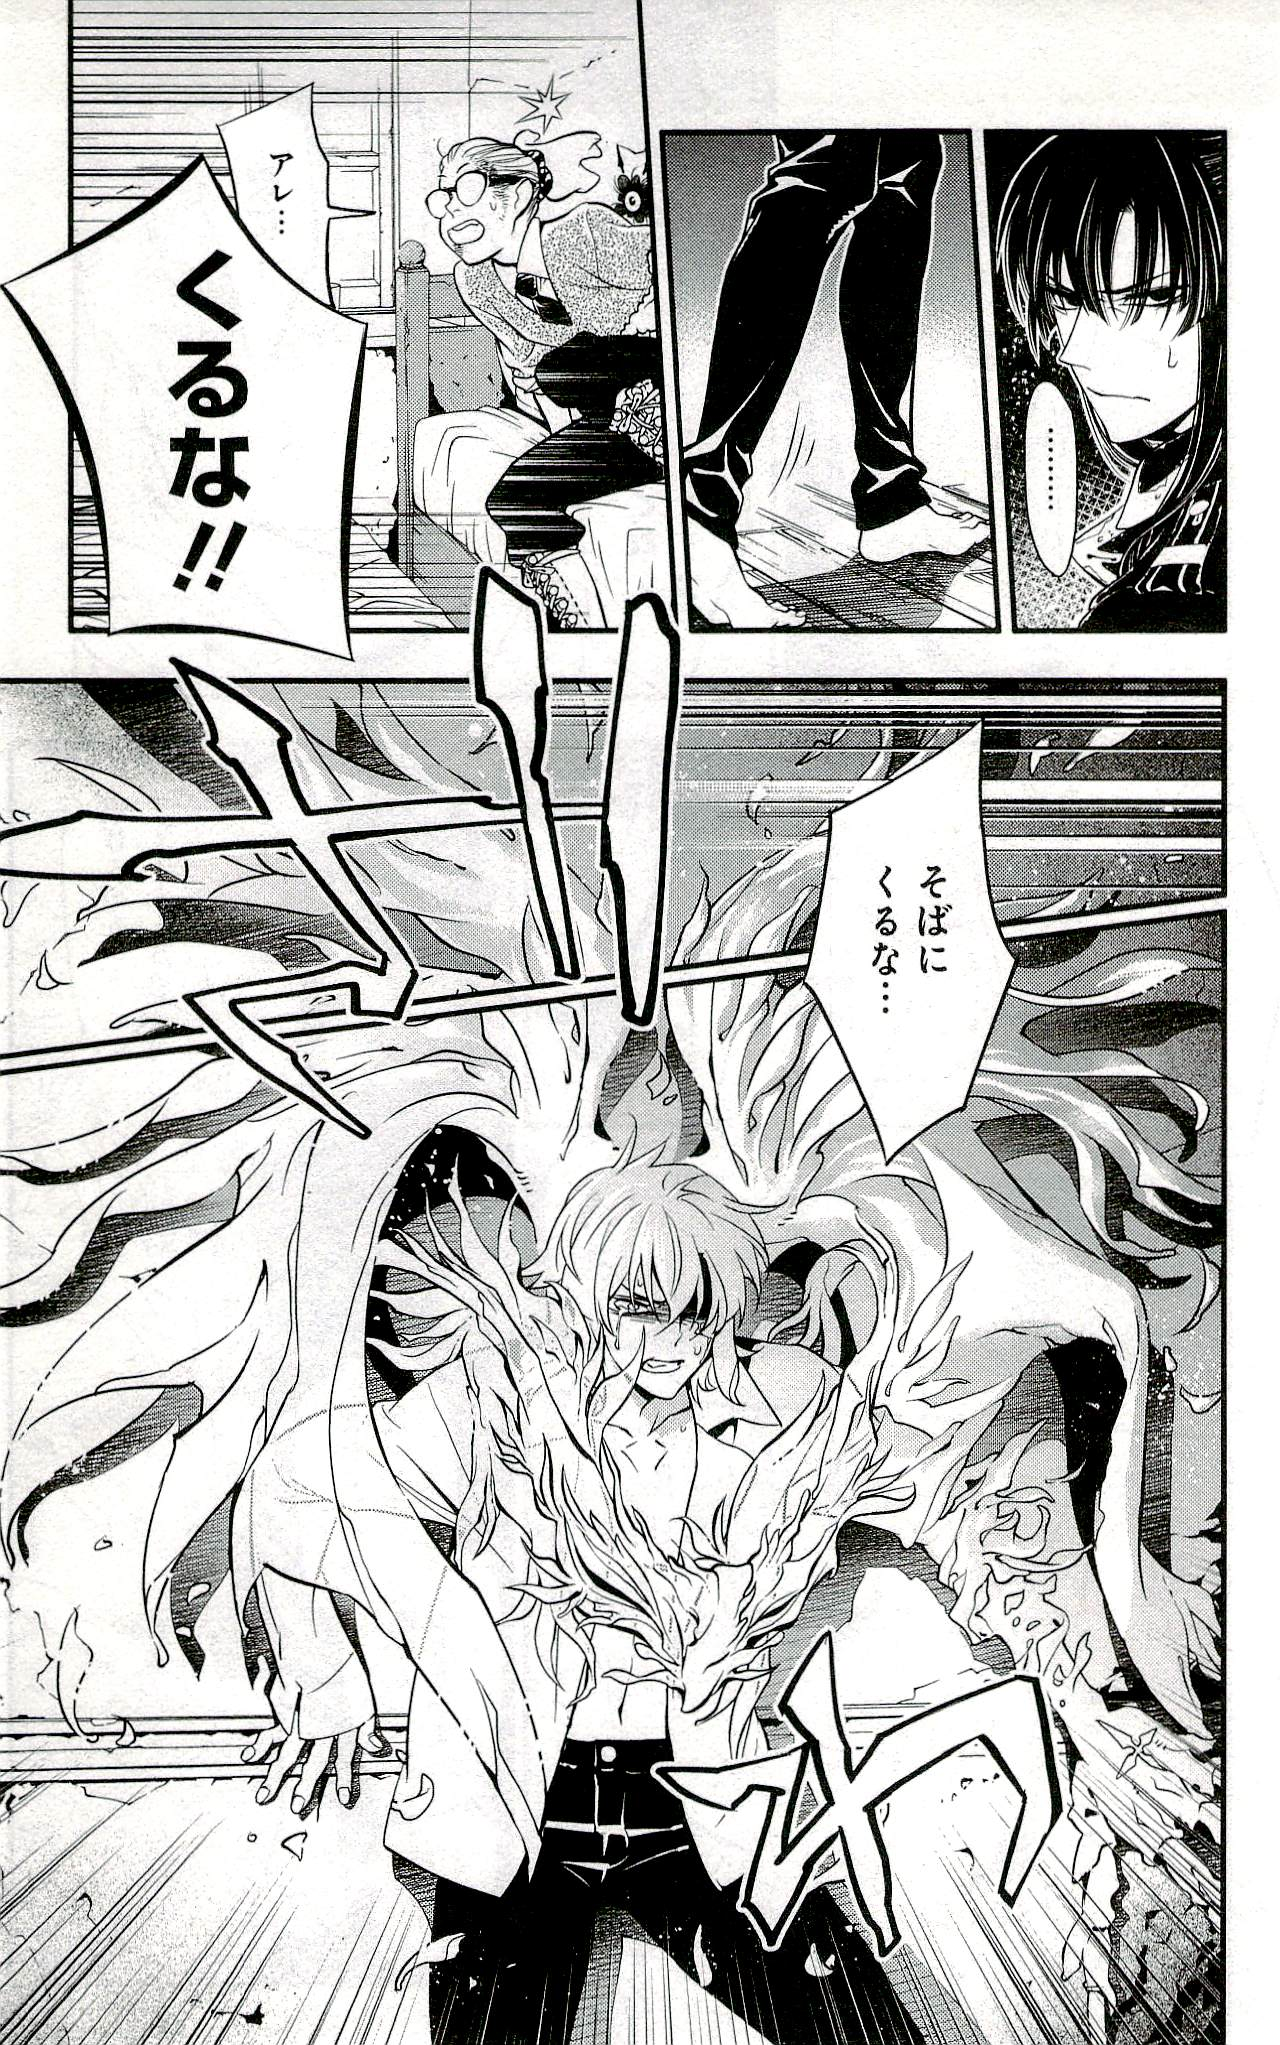 【朗報】D.Gray-man再アニメ化wwwww